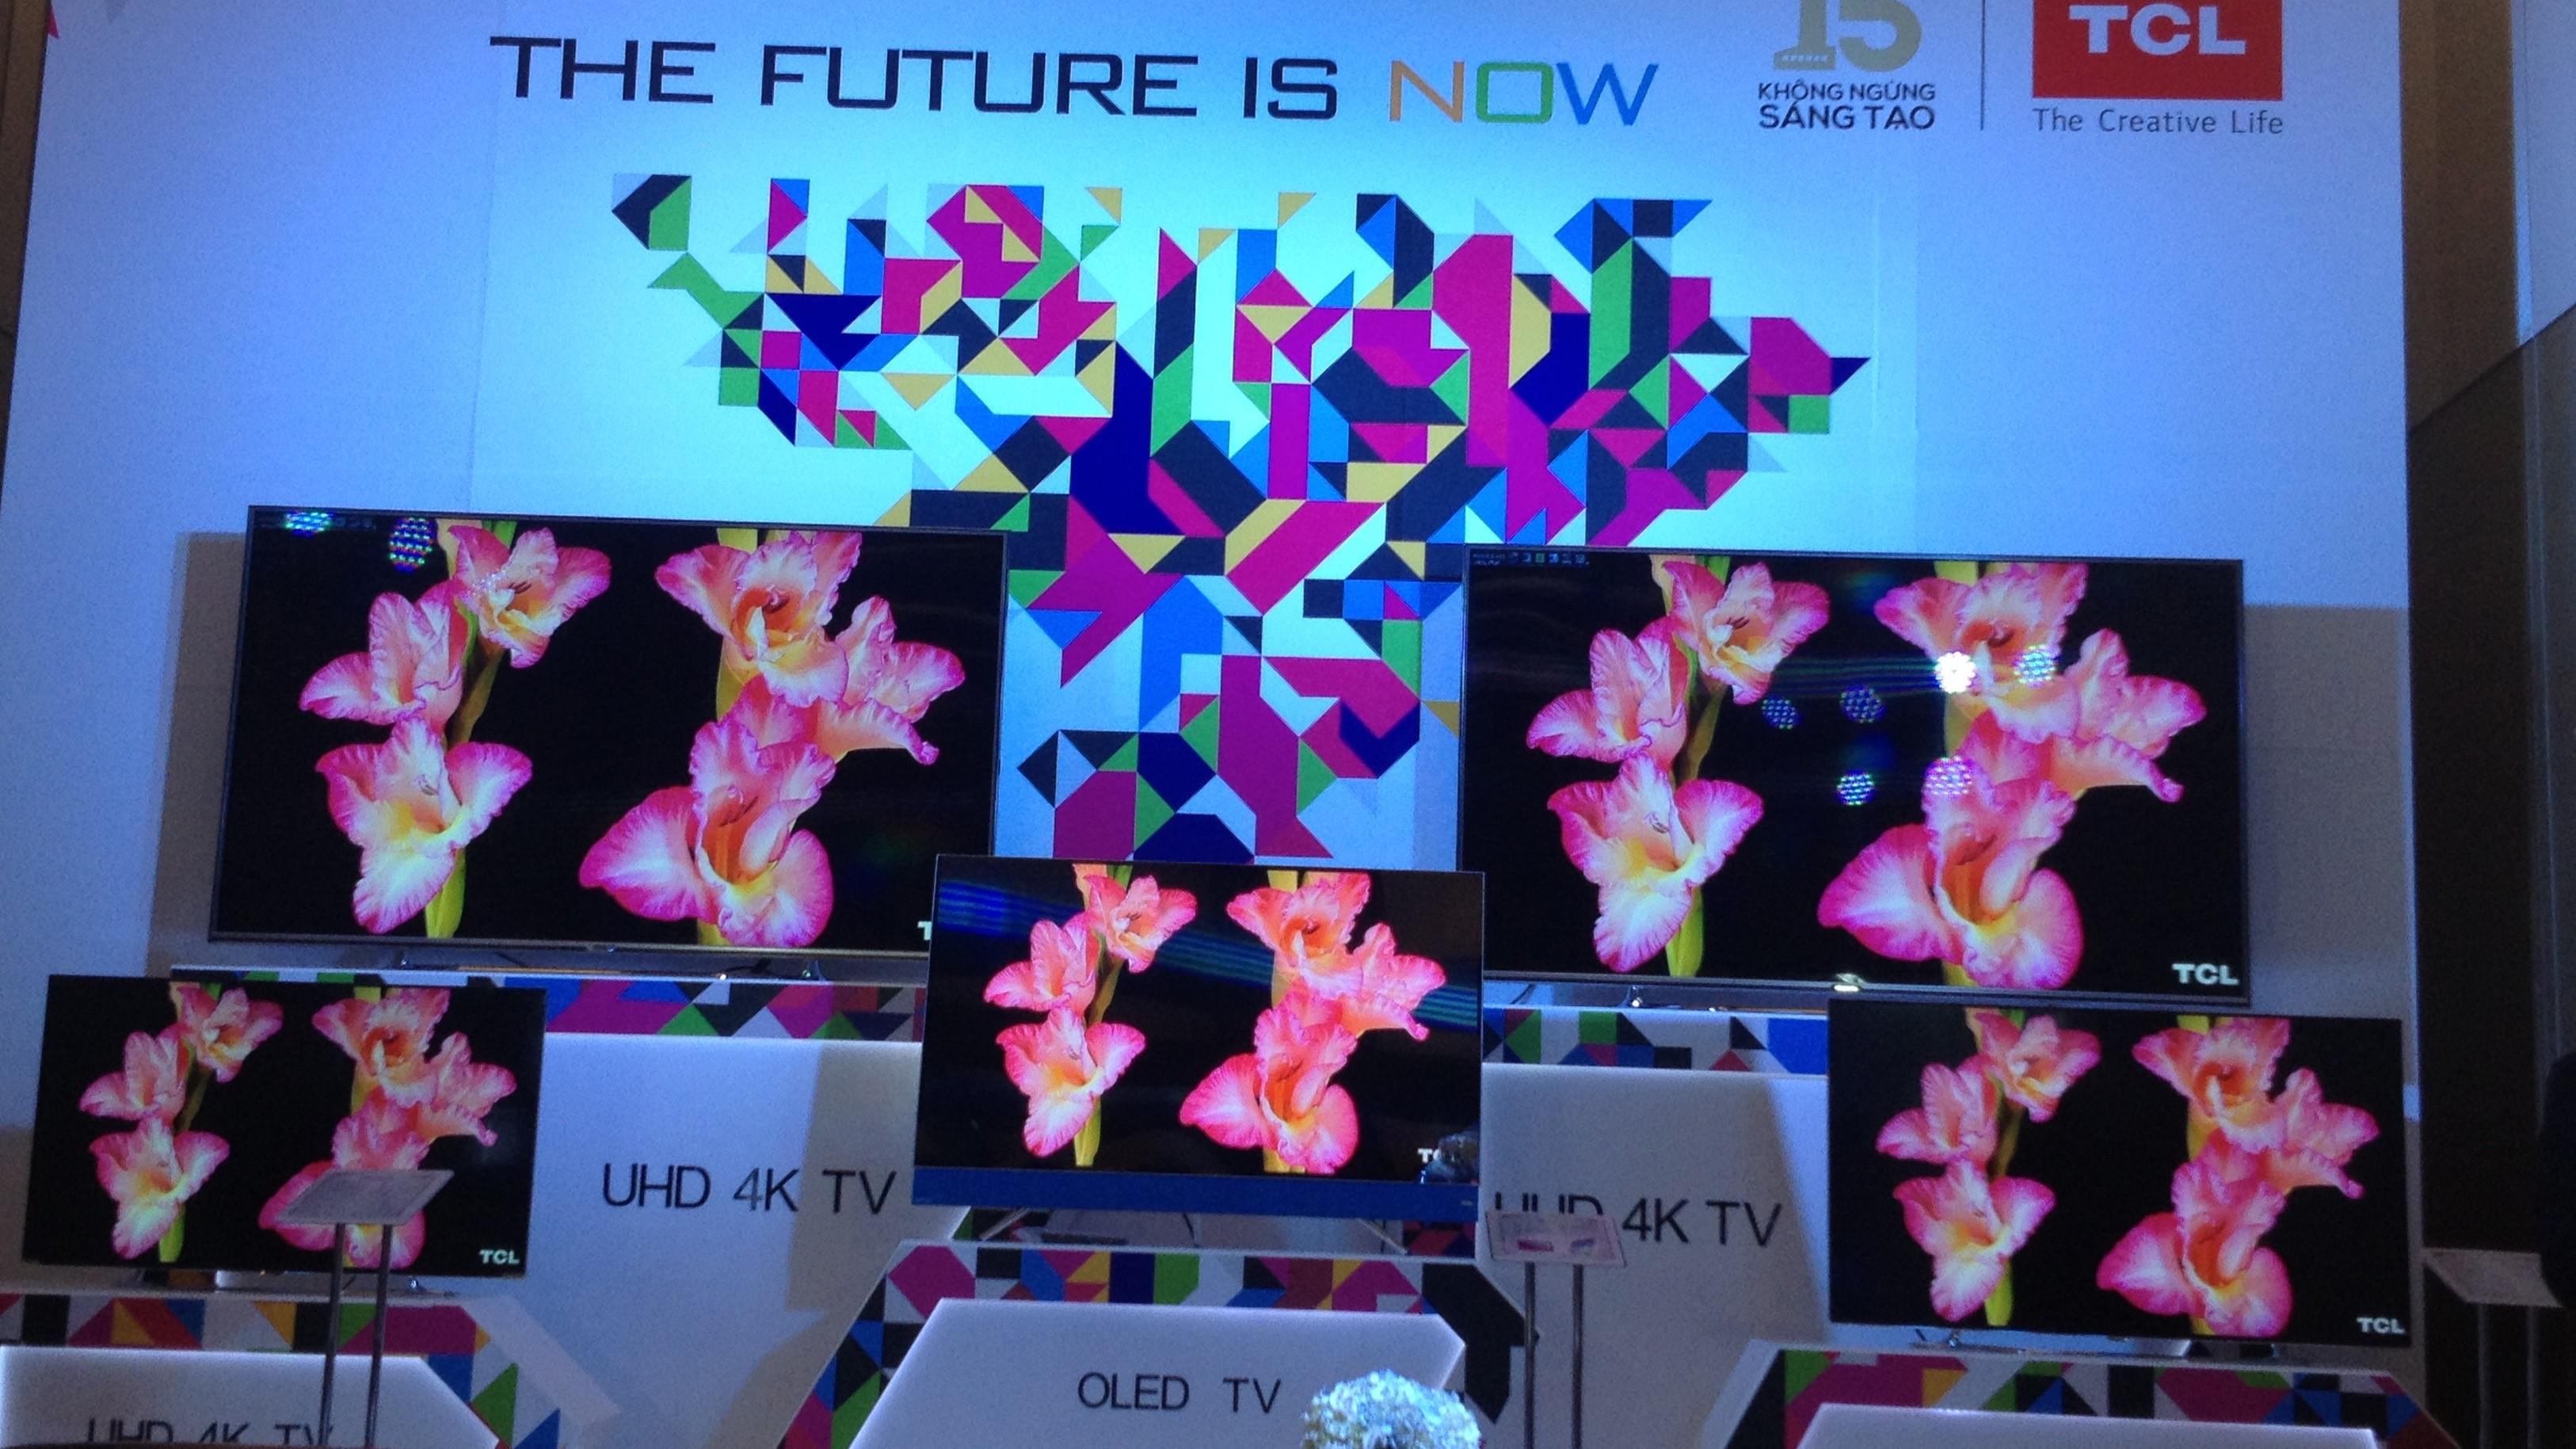 IMG 5494 - TCL ra mắt loạt sản phẩm TV mới tại Việt Nam